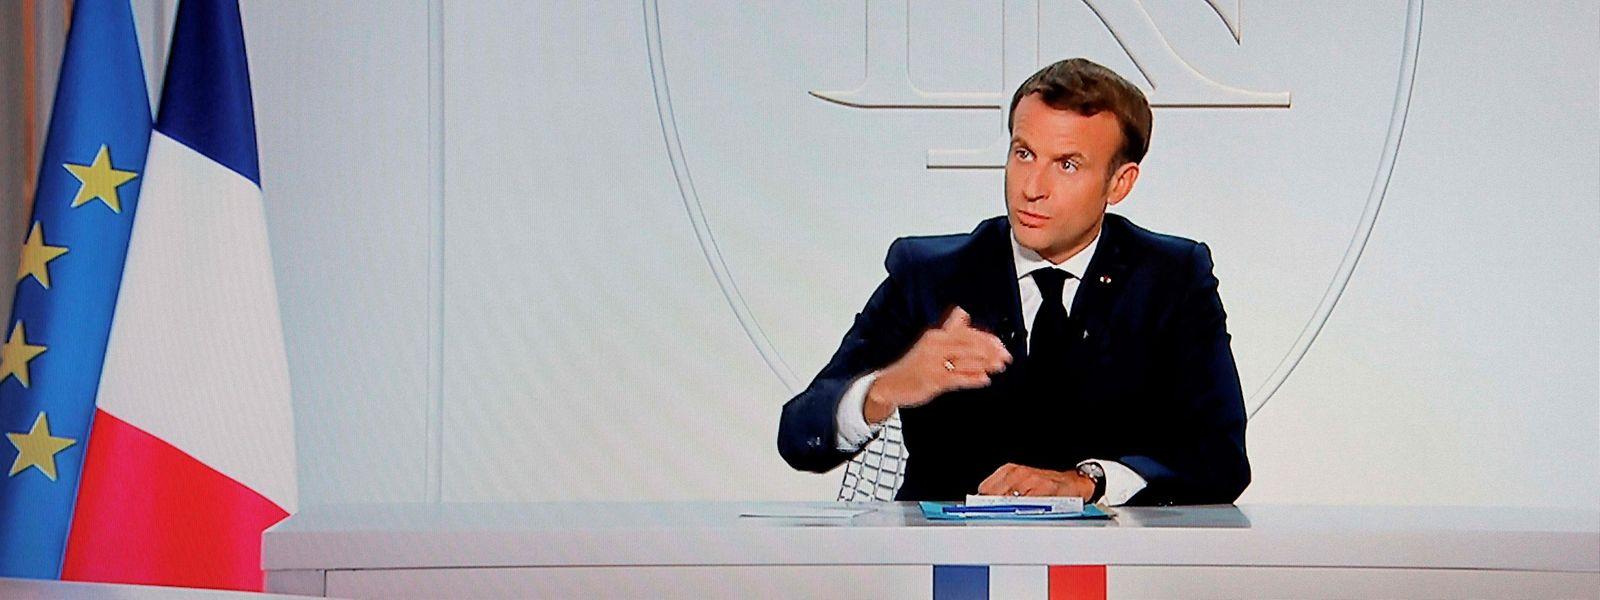 Macron kündigte in einem TV-Interview erneute Ausgangssperren an.